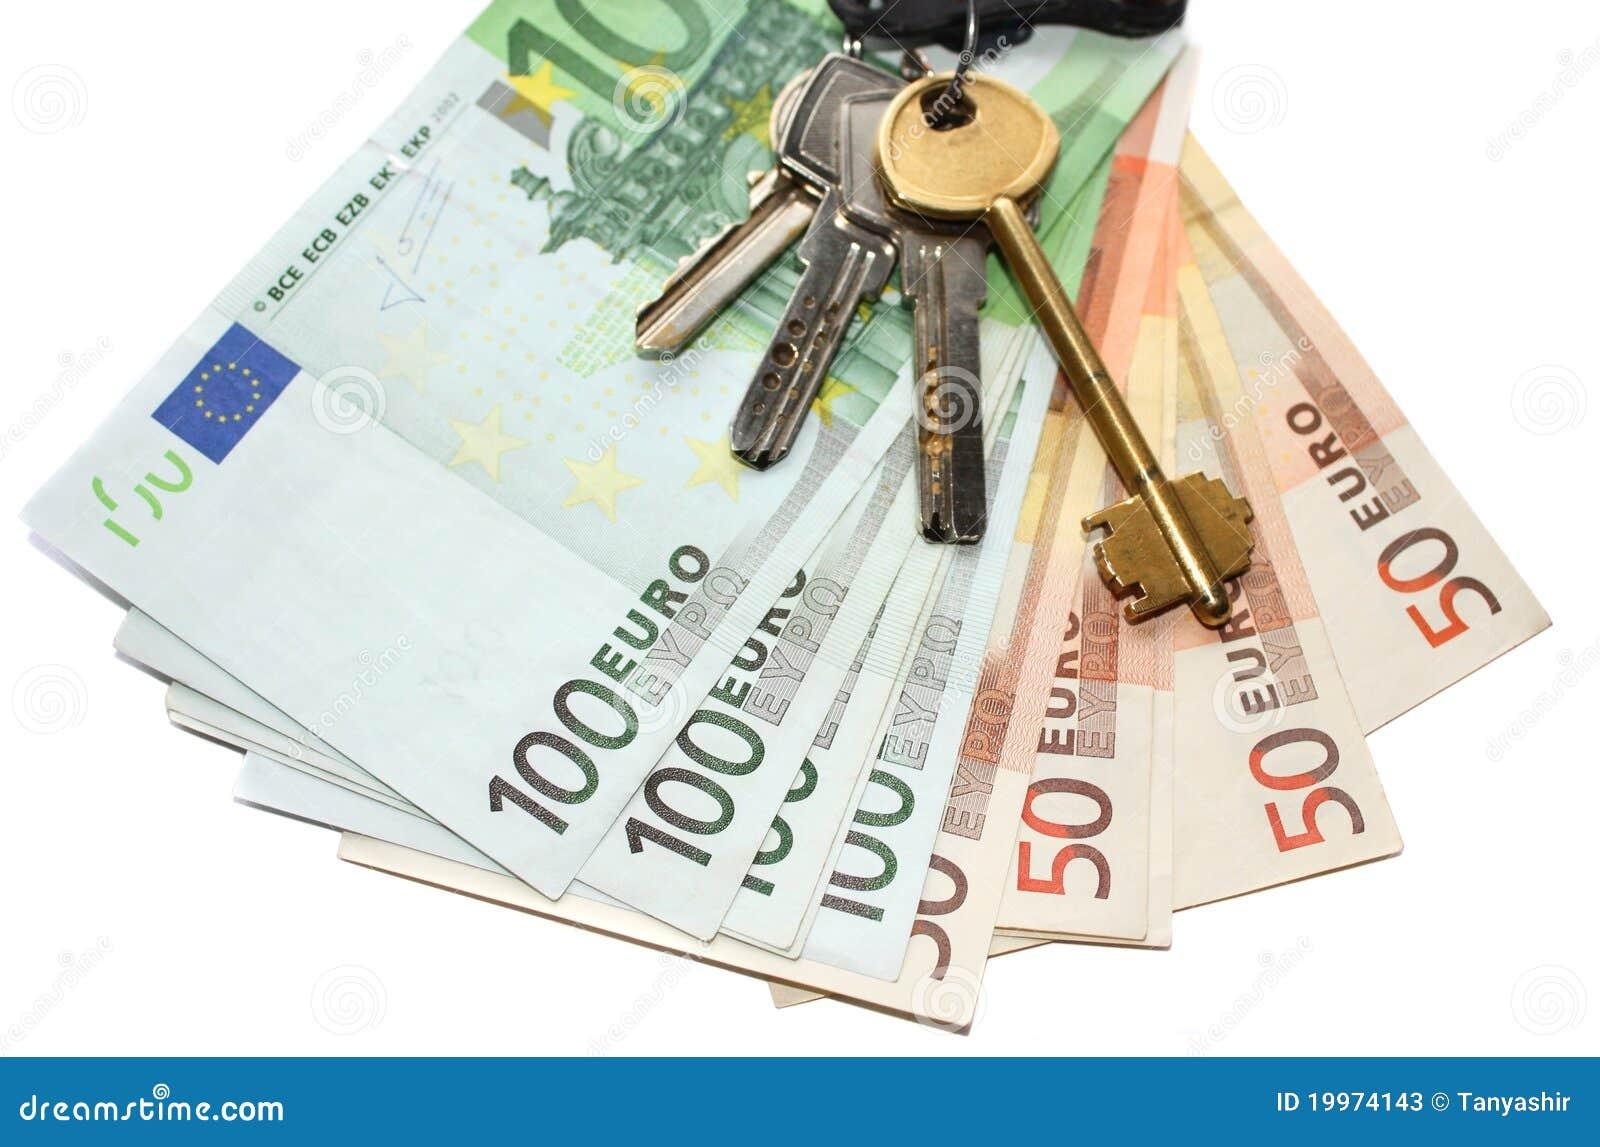 Euro money and keys